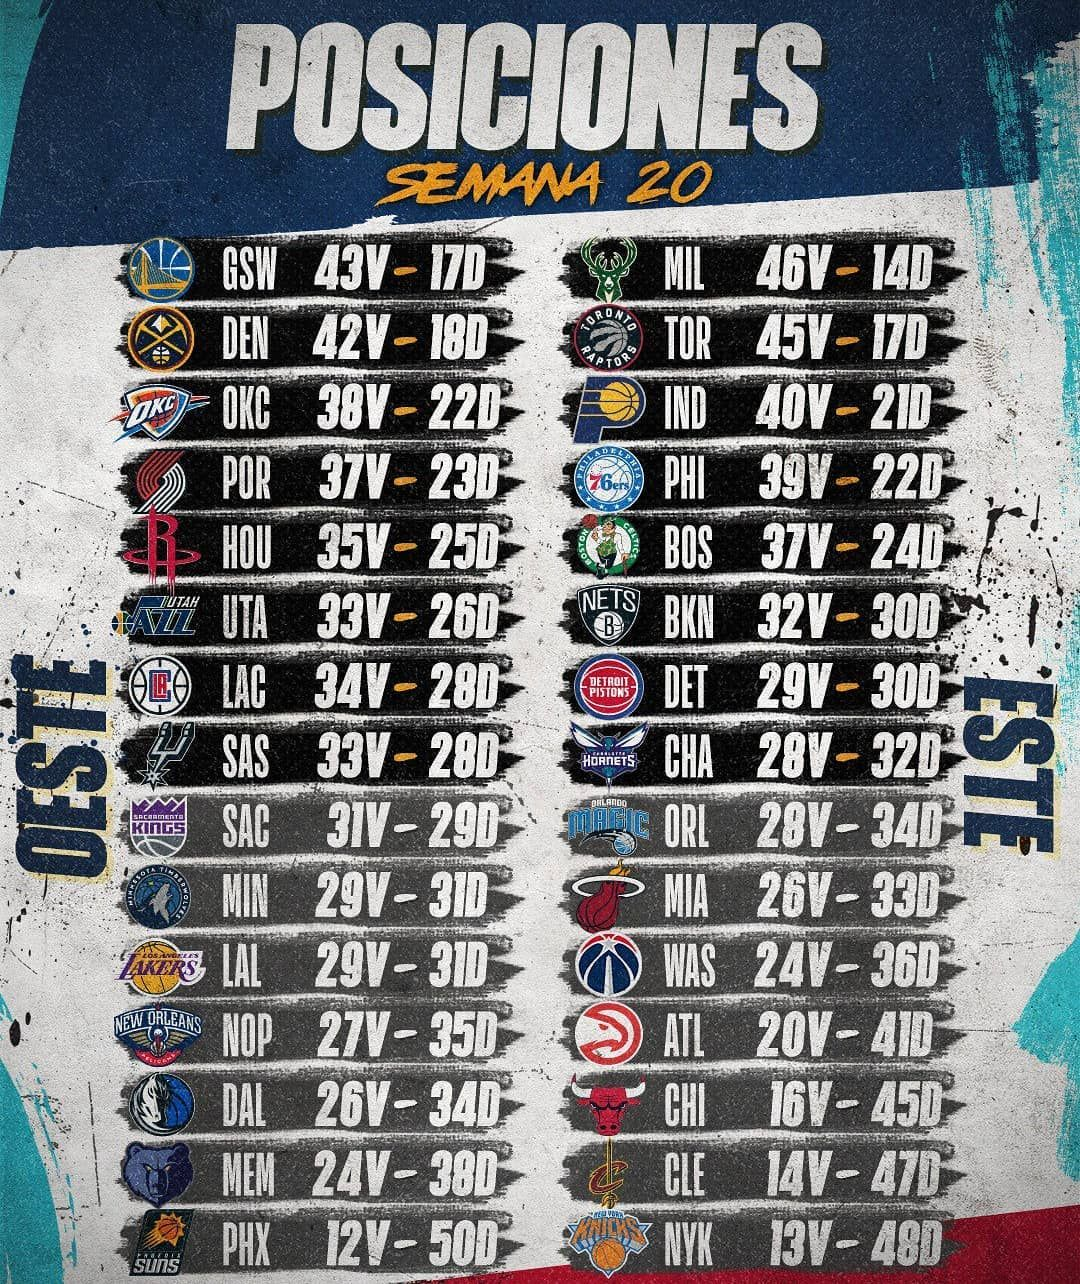 Basquet Nba Posiciones Así Está La Tabla De Posiciones De La Nba En La Semana 20 Warriors Y Nuggets Buscan El Primer Lugar Del O Detroit Pistons Gsw Okc